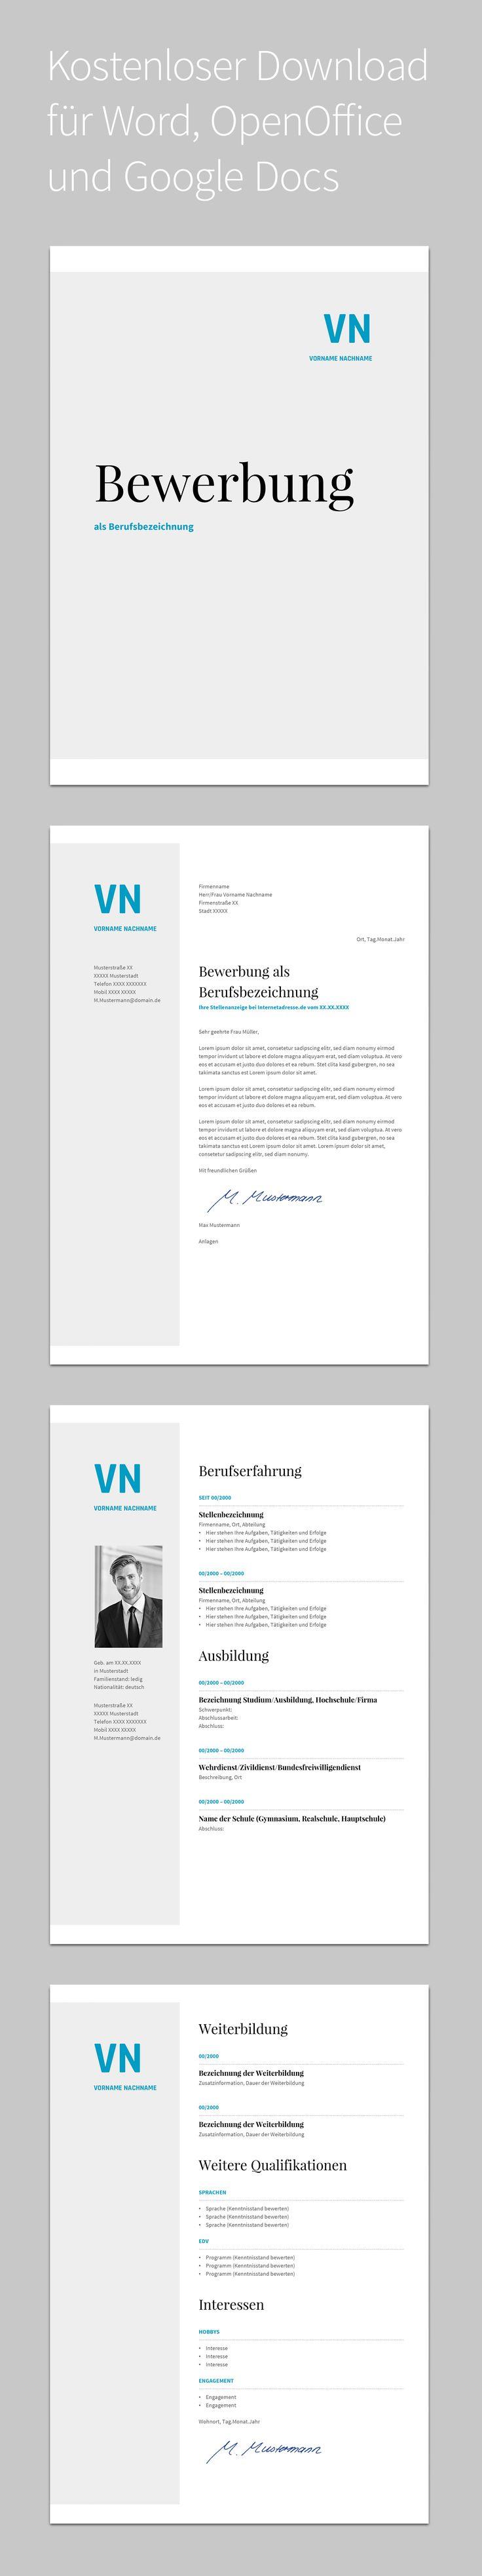 Bewerbung Balera · Design · Vorlage · Auffällig · Kostenloser Download